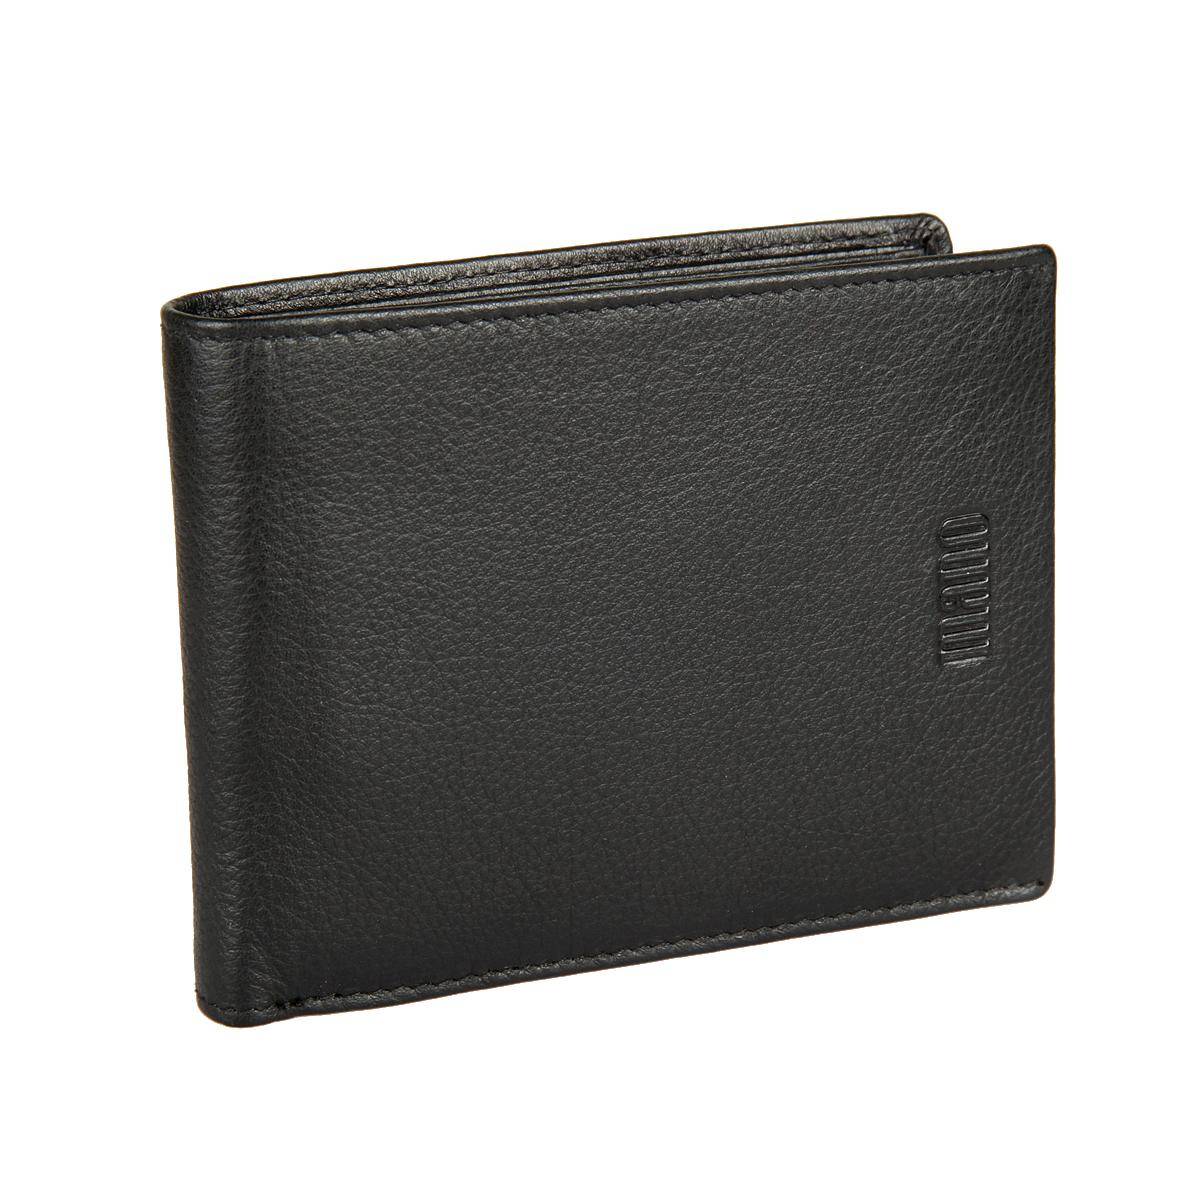 Портмоне мужское Mano, цвет: черный. 1980119801Стильное мужское портмоне Mano выполнено из натуральной кожи с фактурным тиснением и дополнено тиснением с названием производителя. Изделие раскладывается пополам. Портмоне содержит два отделения для купюр, восемь кармашков для визиток и пластиковых карт, карман для мелочи на кнопке, сетчатый карман, два боковых кармана для документов и два потайных кармана. Портмоне упаковано в фирменную картонную коробку. Такое портмоне станет отличным подарком для человека, ценящего качественные и стильные вещи.